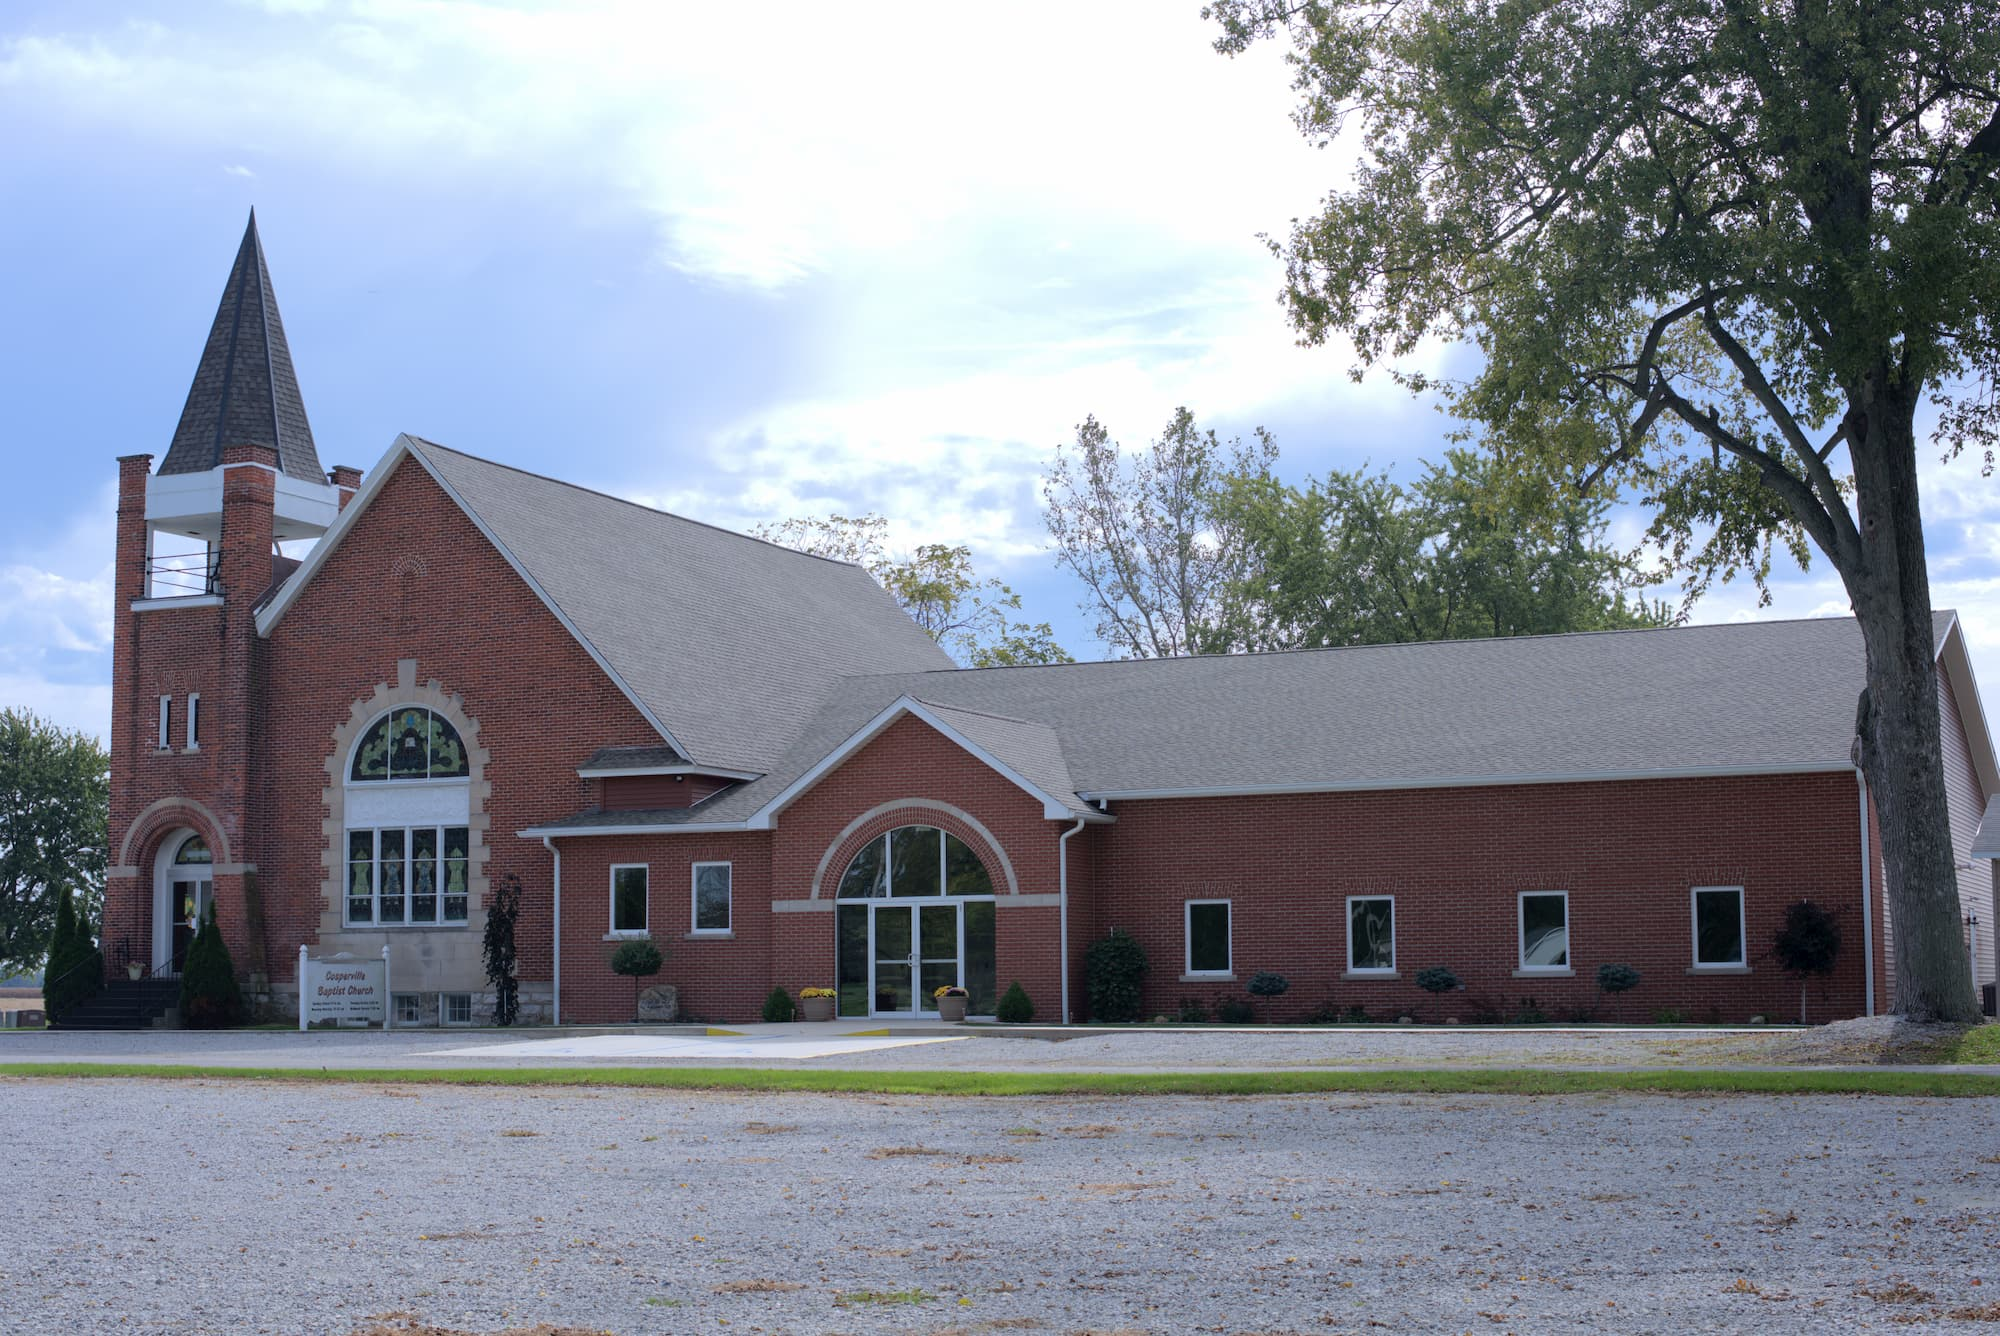 Cosperville Baptist Church